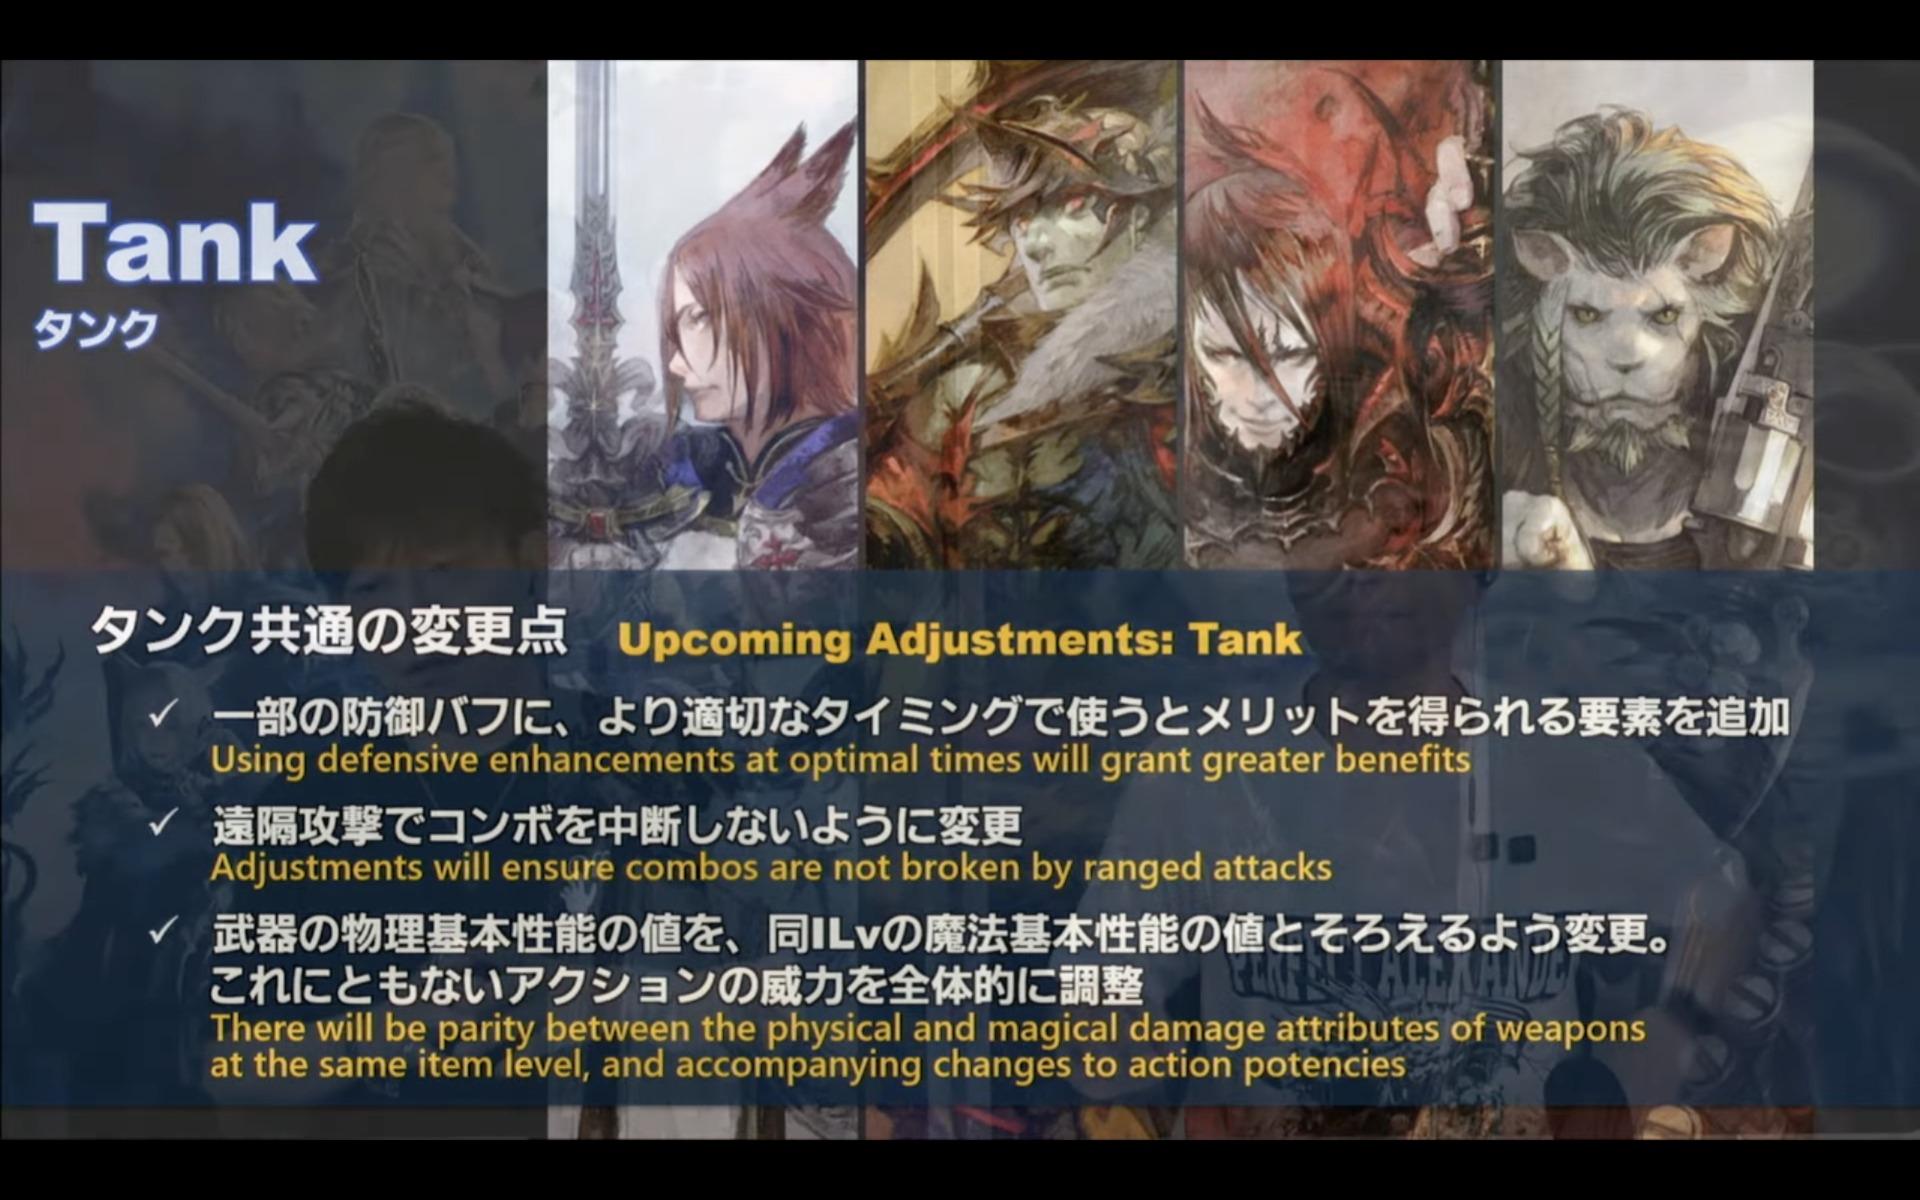 FFXIV job changes adjustments tanks endwalker